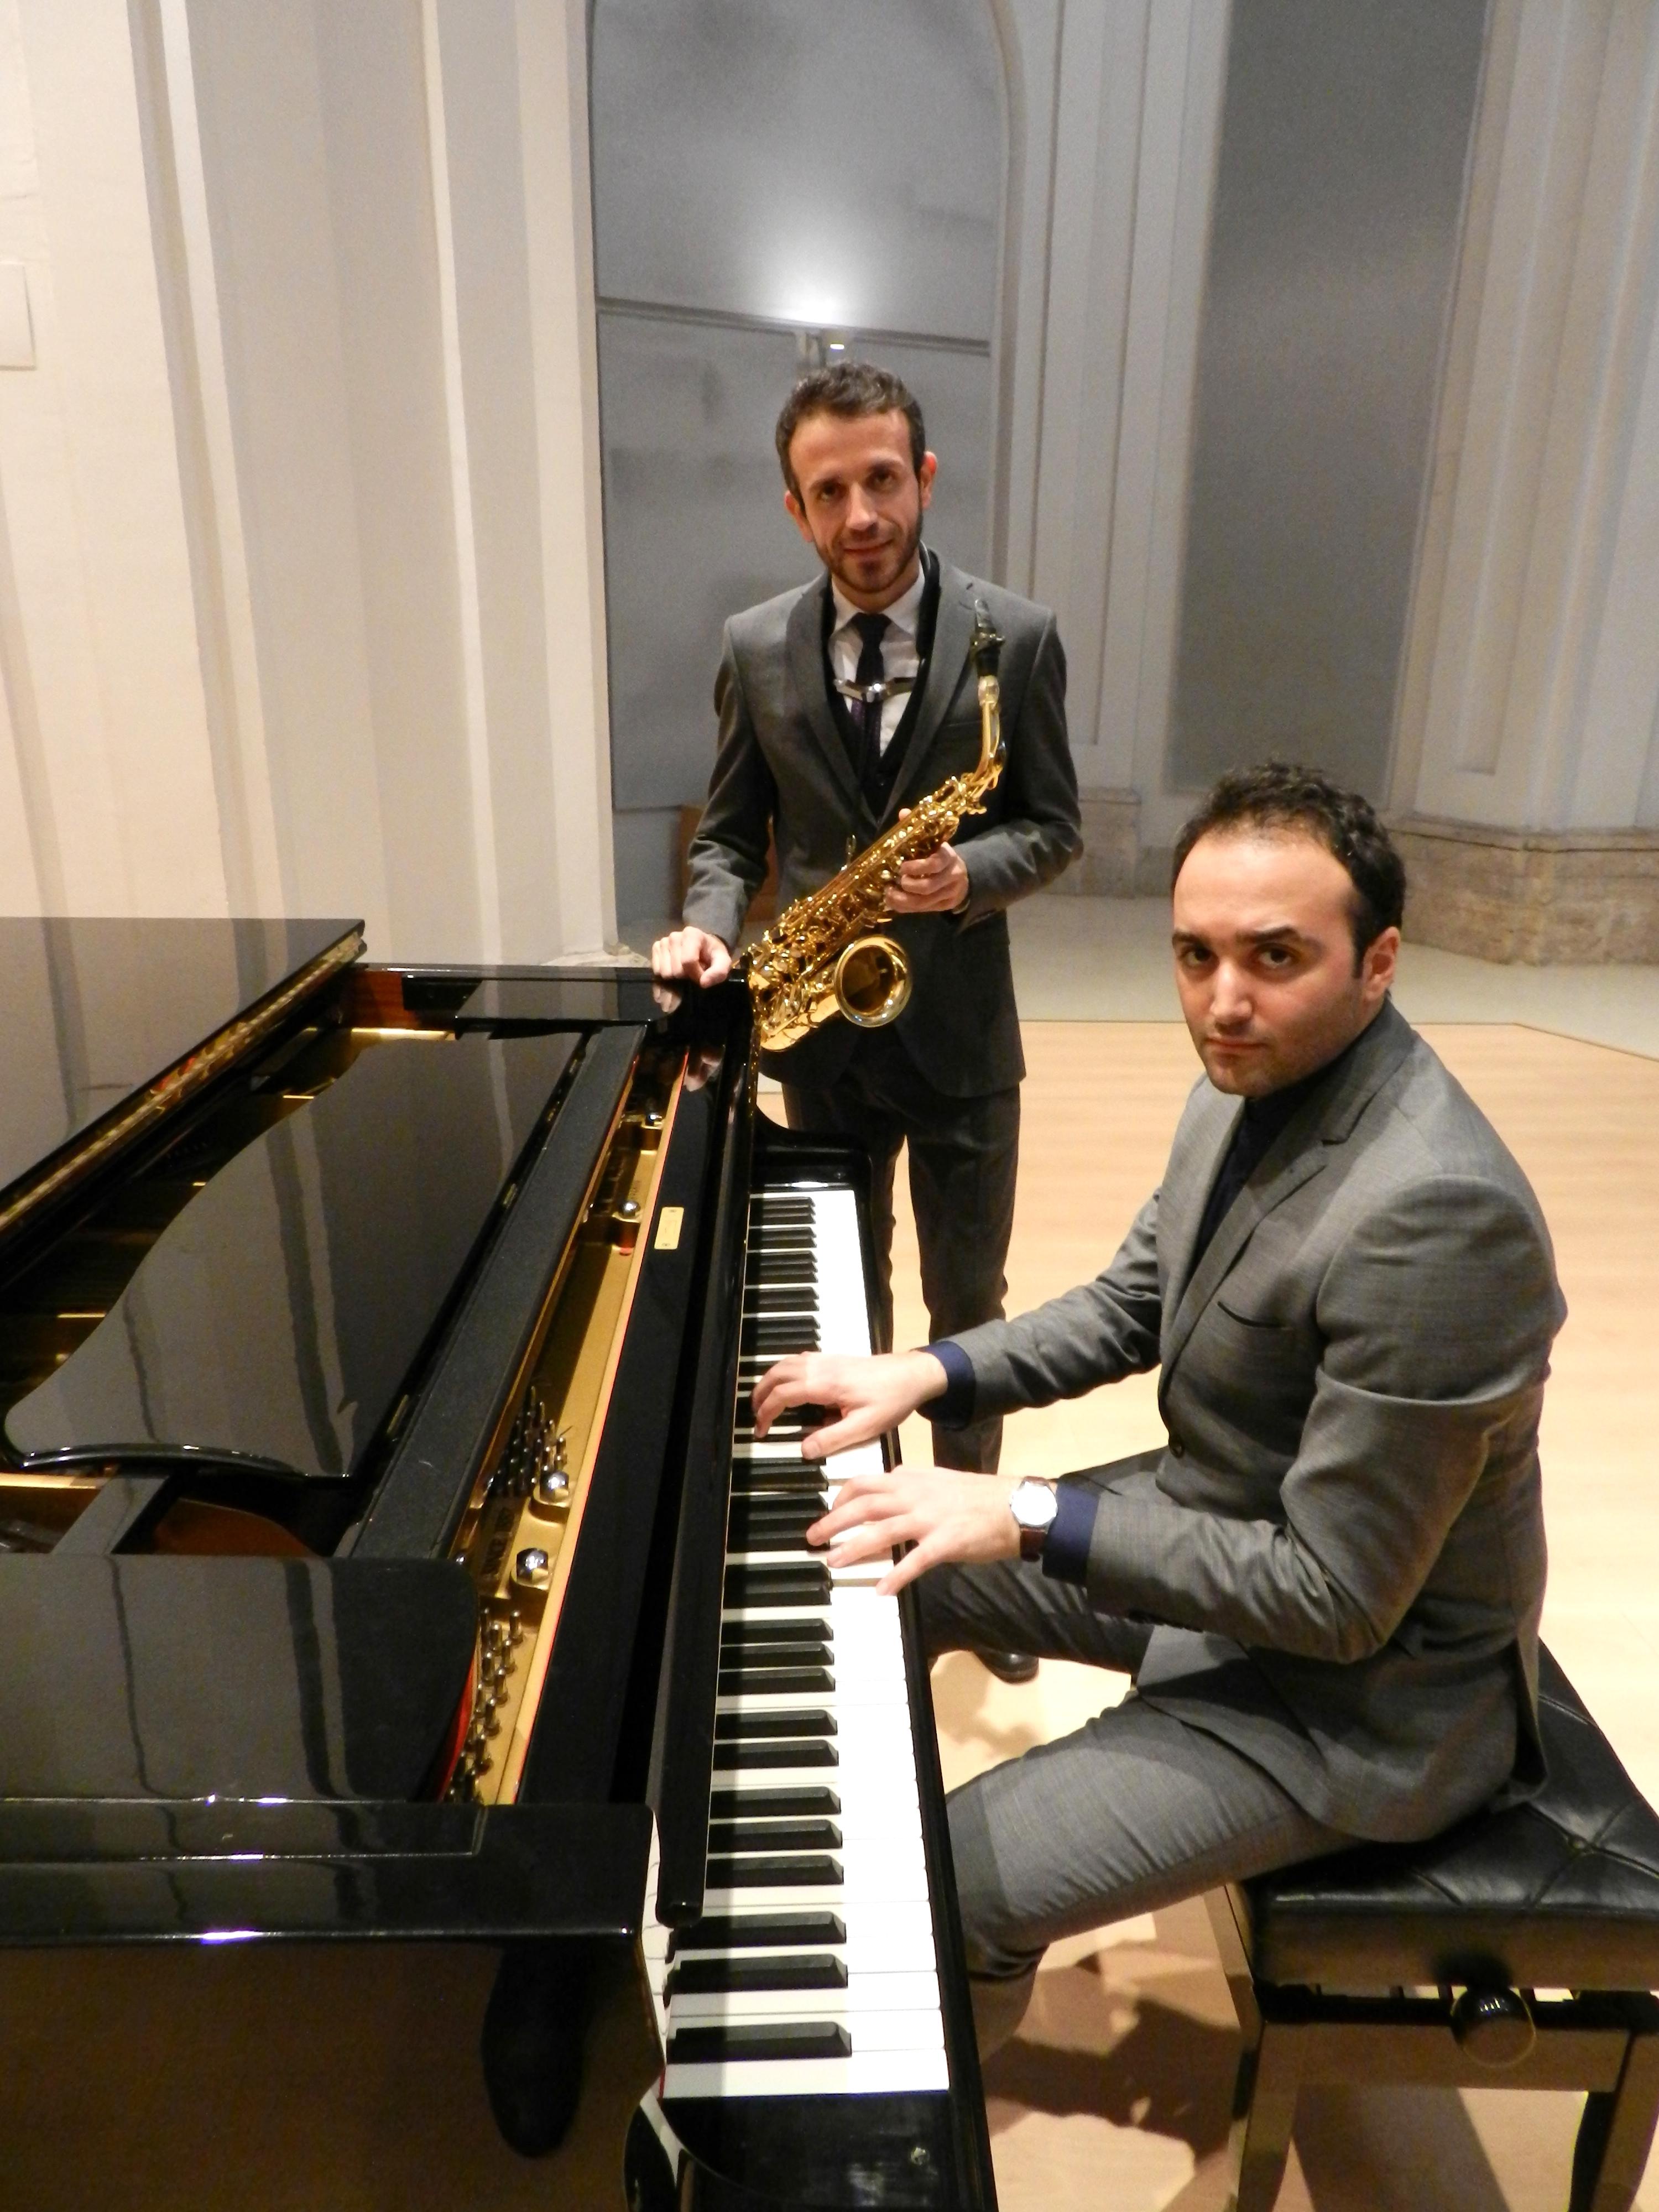 David Hernando Vitores y Sandro' Bak